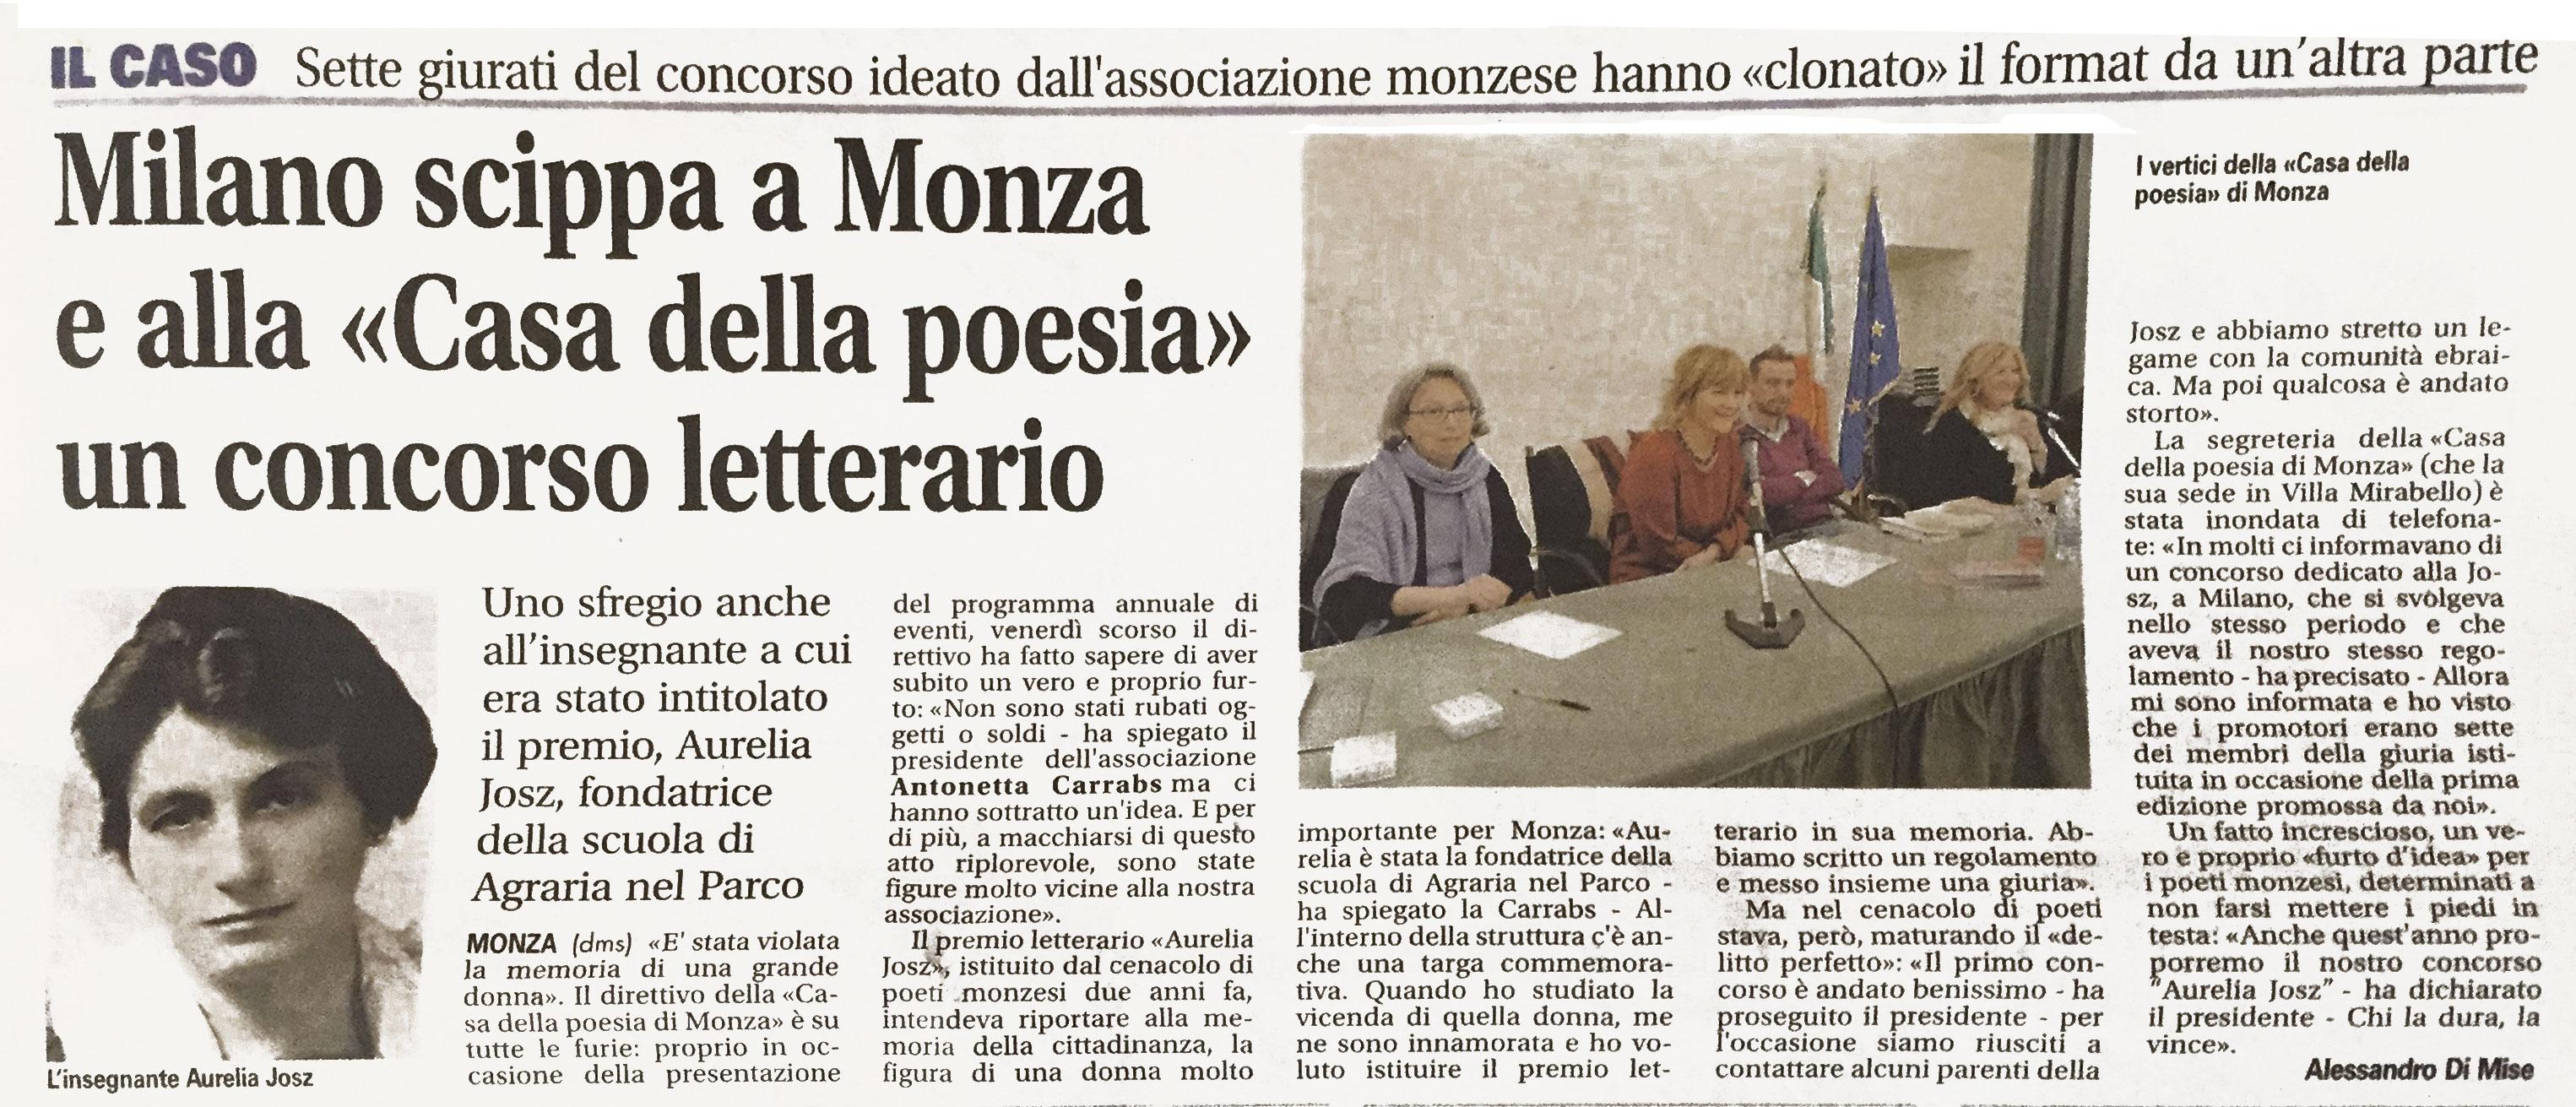 scippato concorso letterario il giornale di monza 26 On il giornale di monza